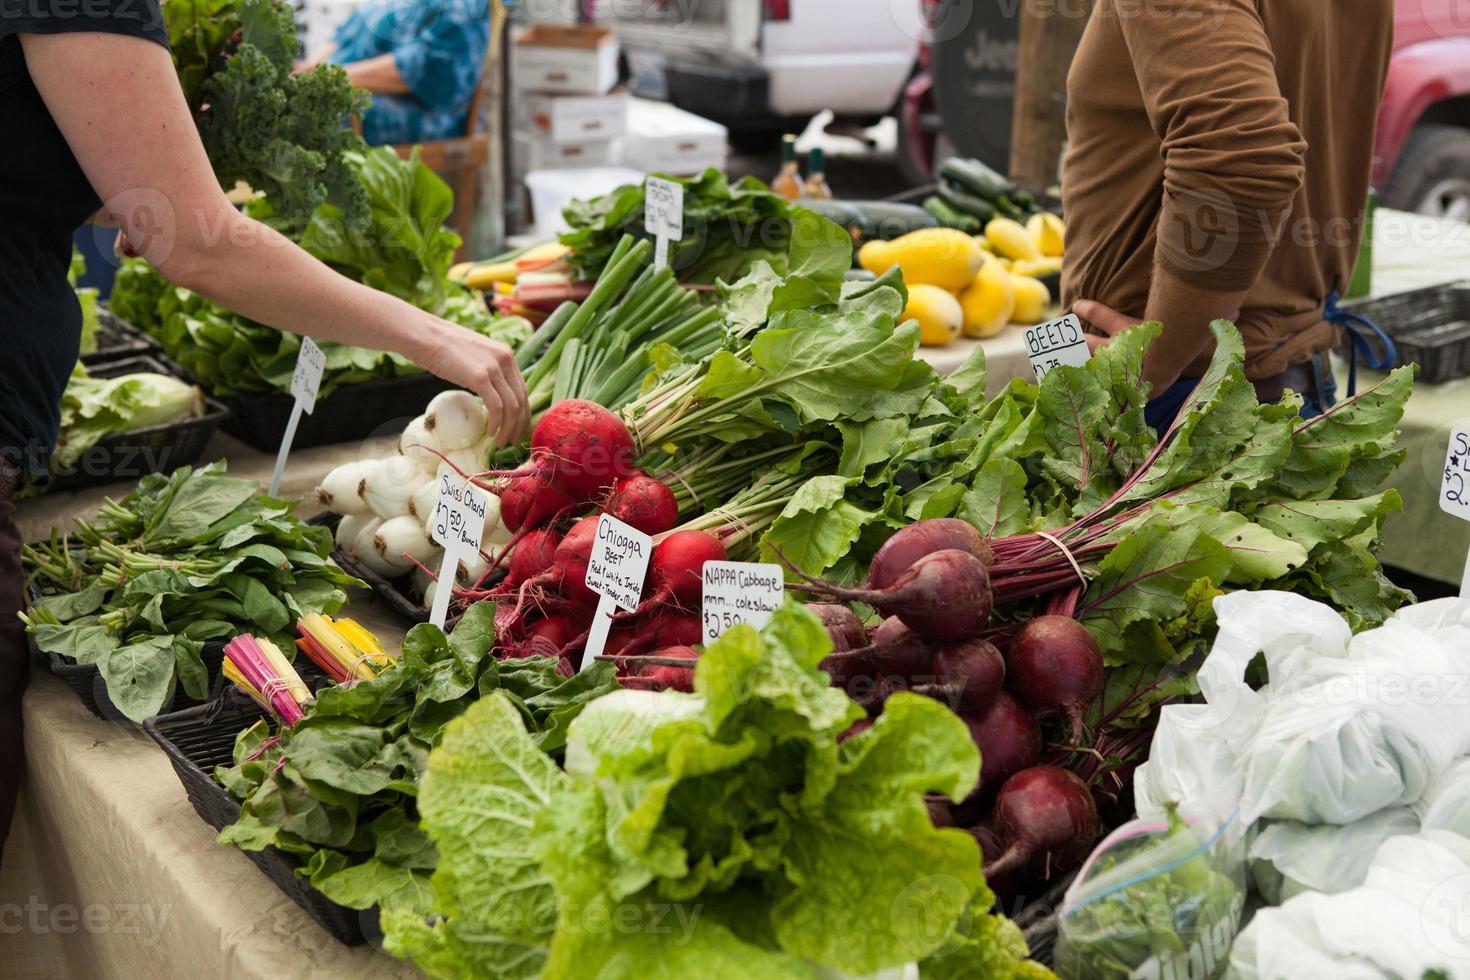 faire du shopping à votre marché de producteurs locaux. photo